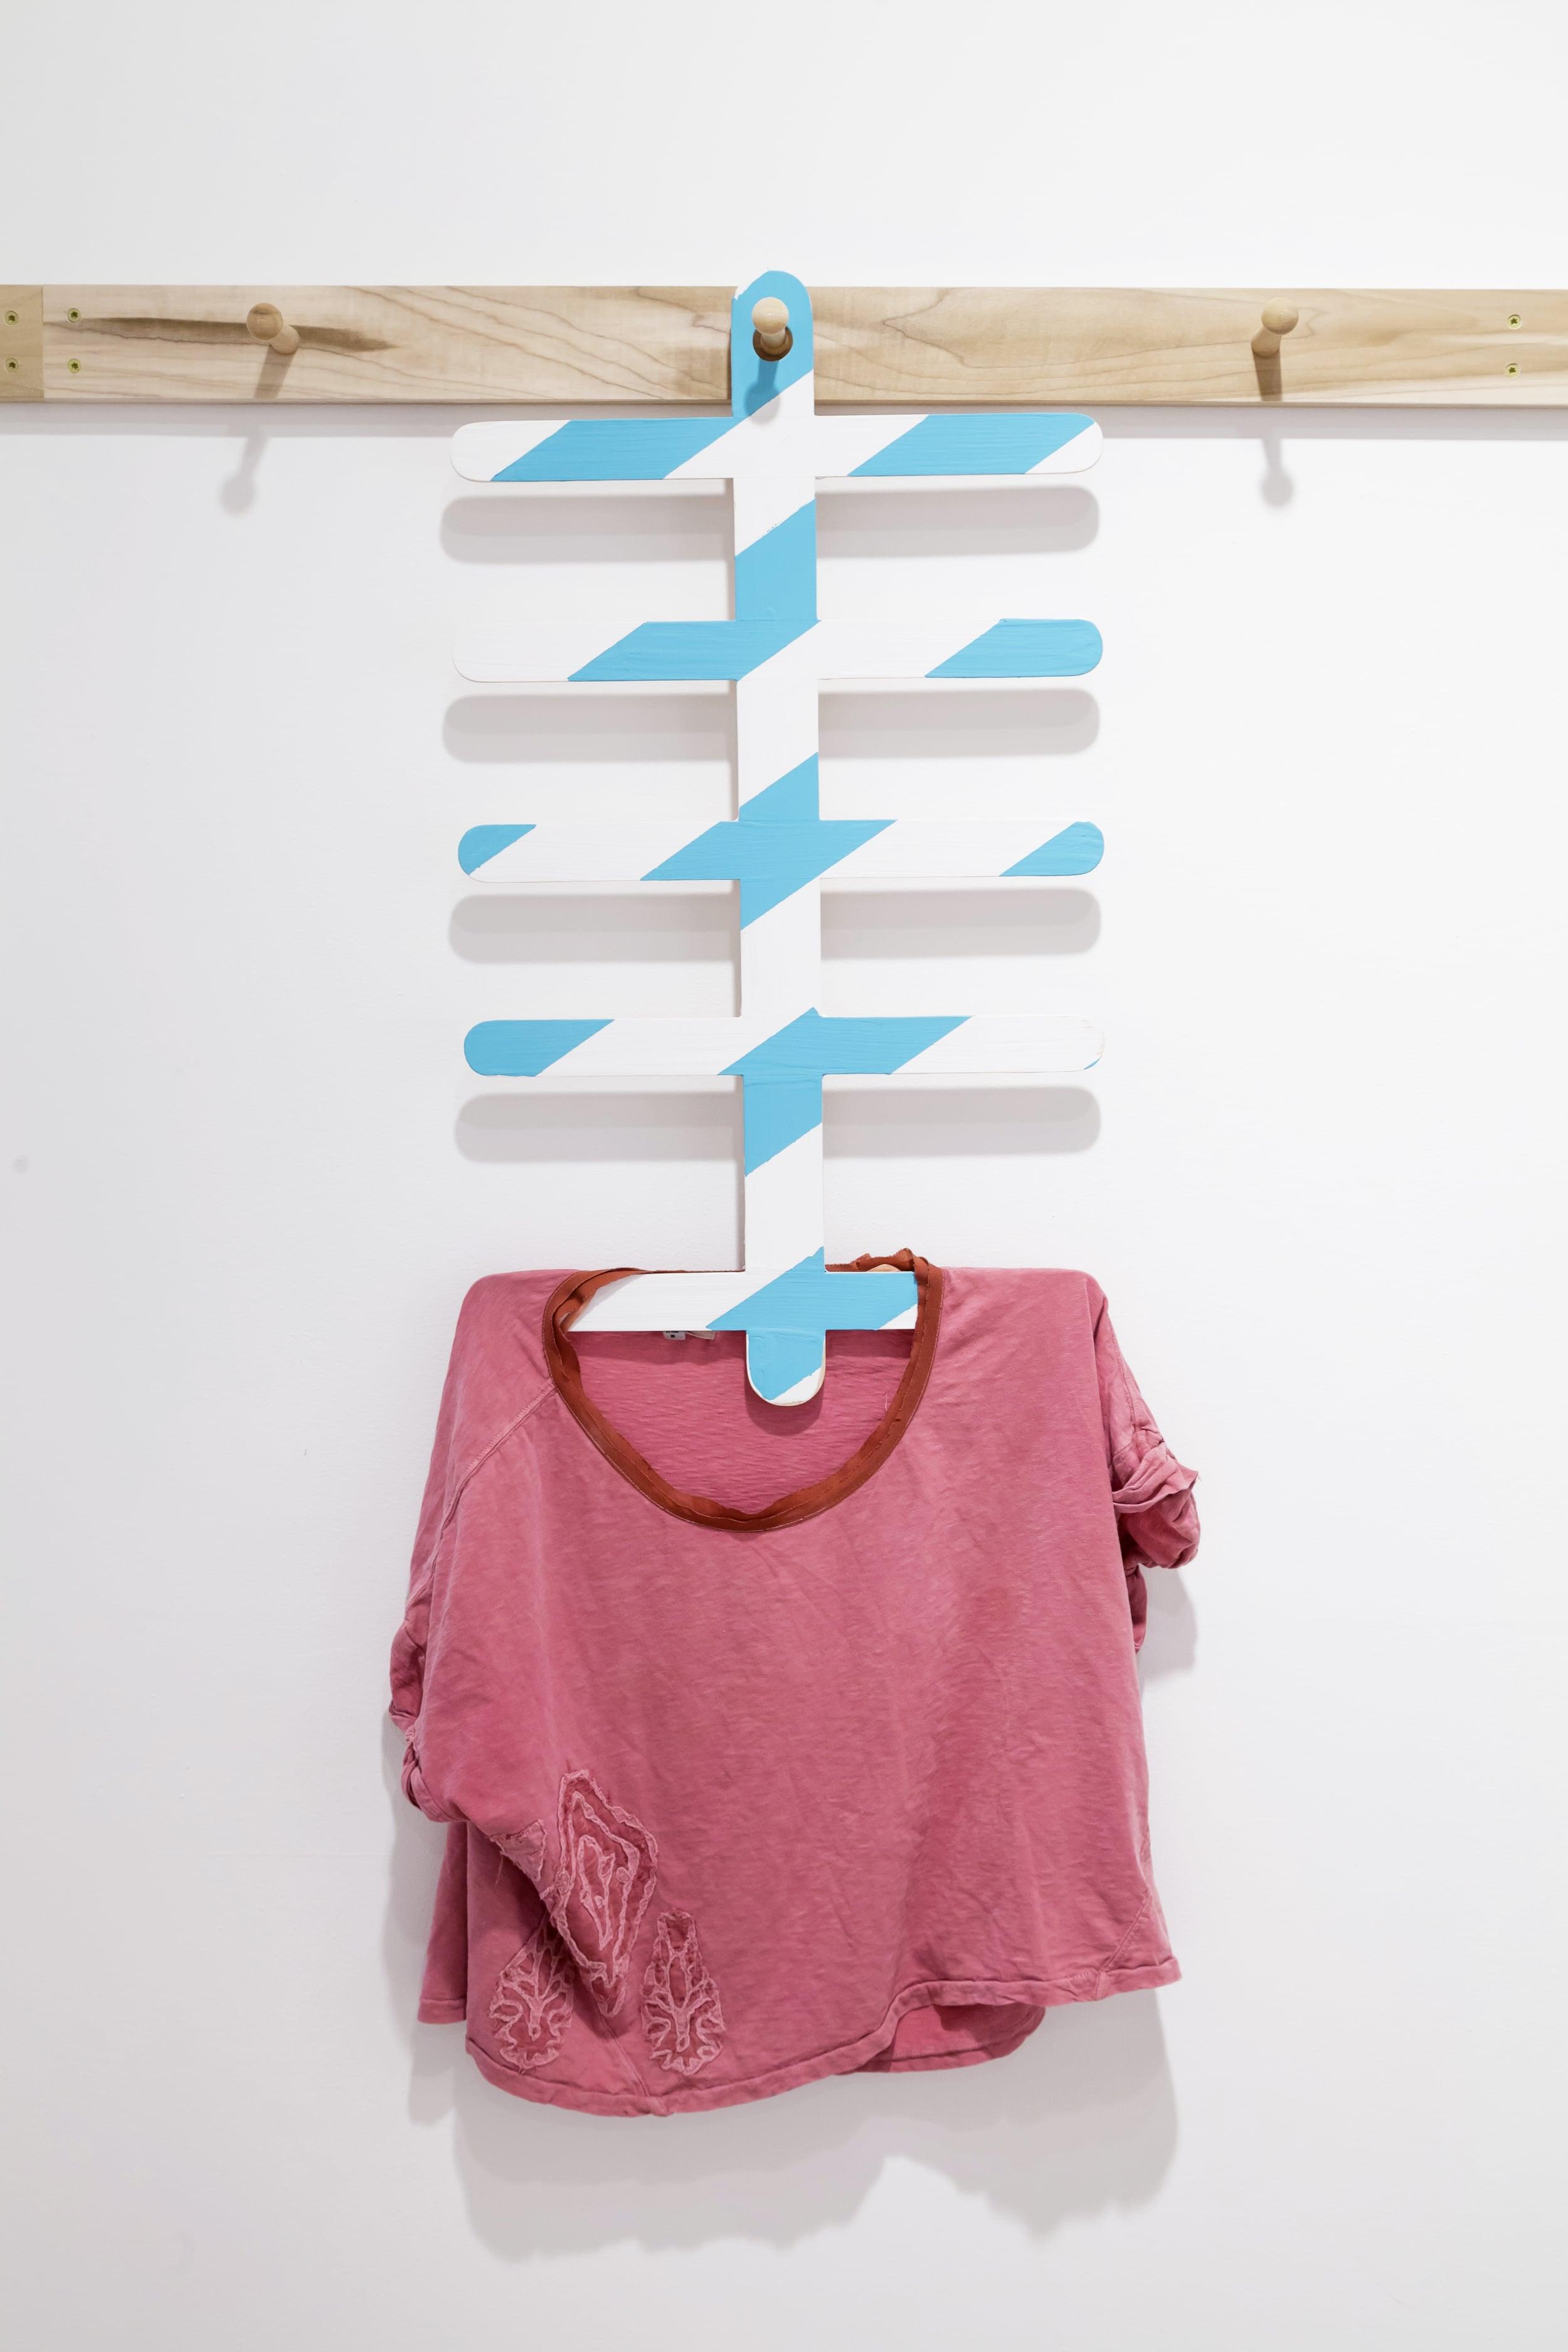 Eakin_Shaker Hanger.jpg